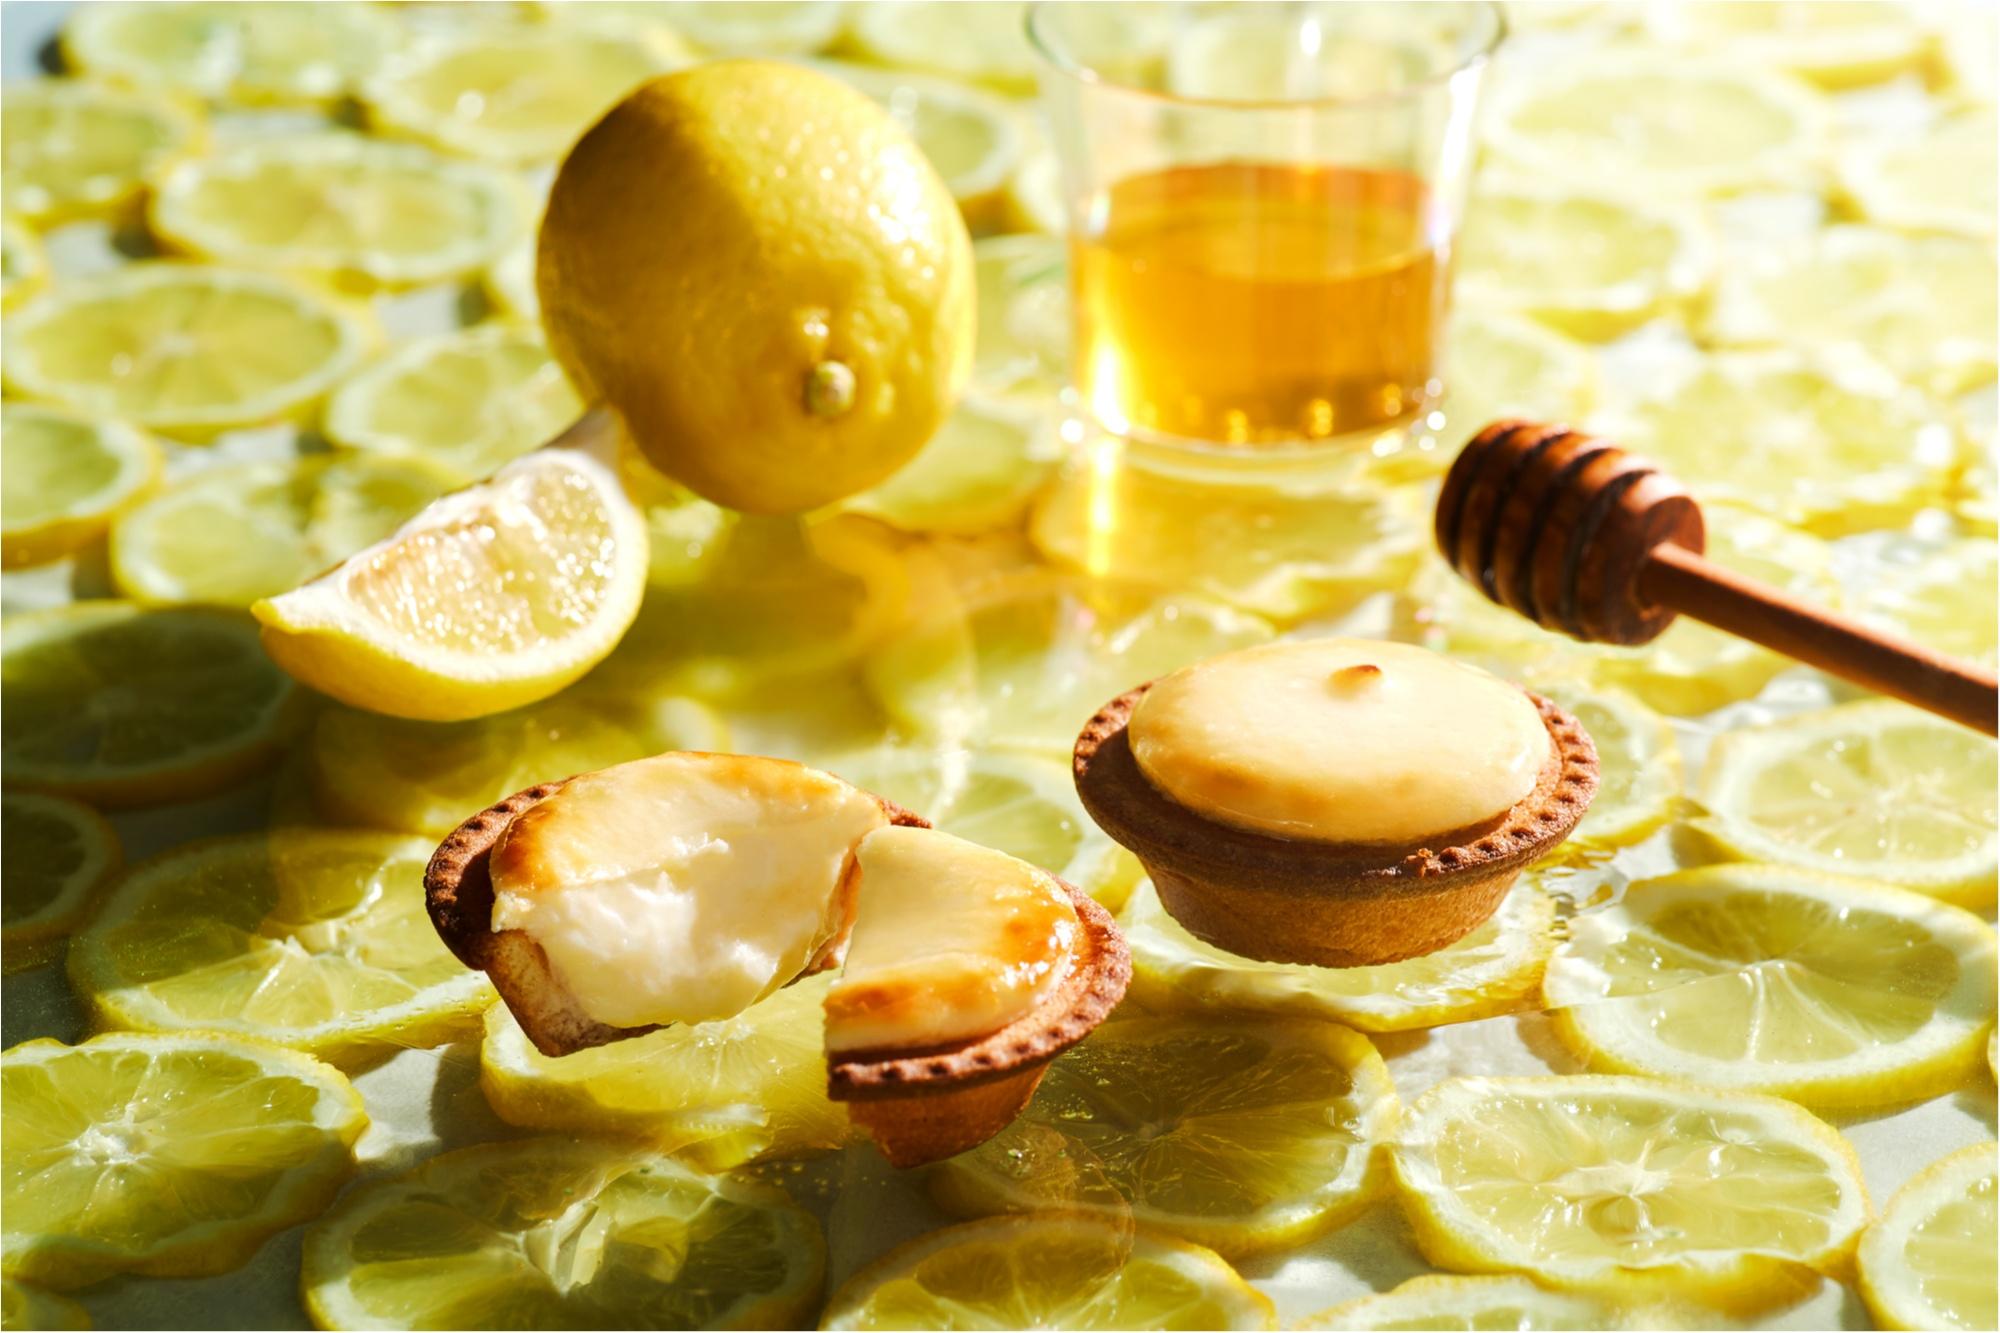 【9/15(金)〜10/15(金)限定!】『BAKE CHEESE TART』の限定フレーバーは甘酸っぱいはちみつレモン♡_1